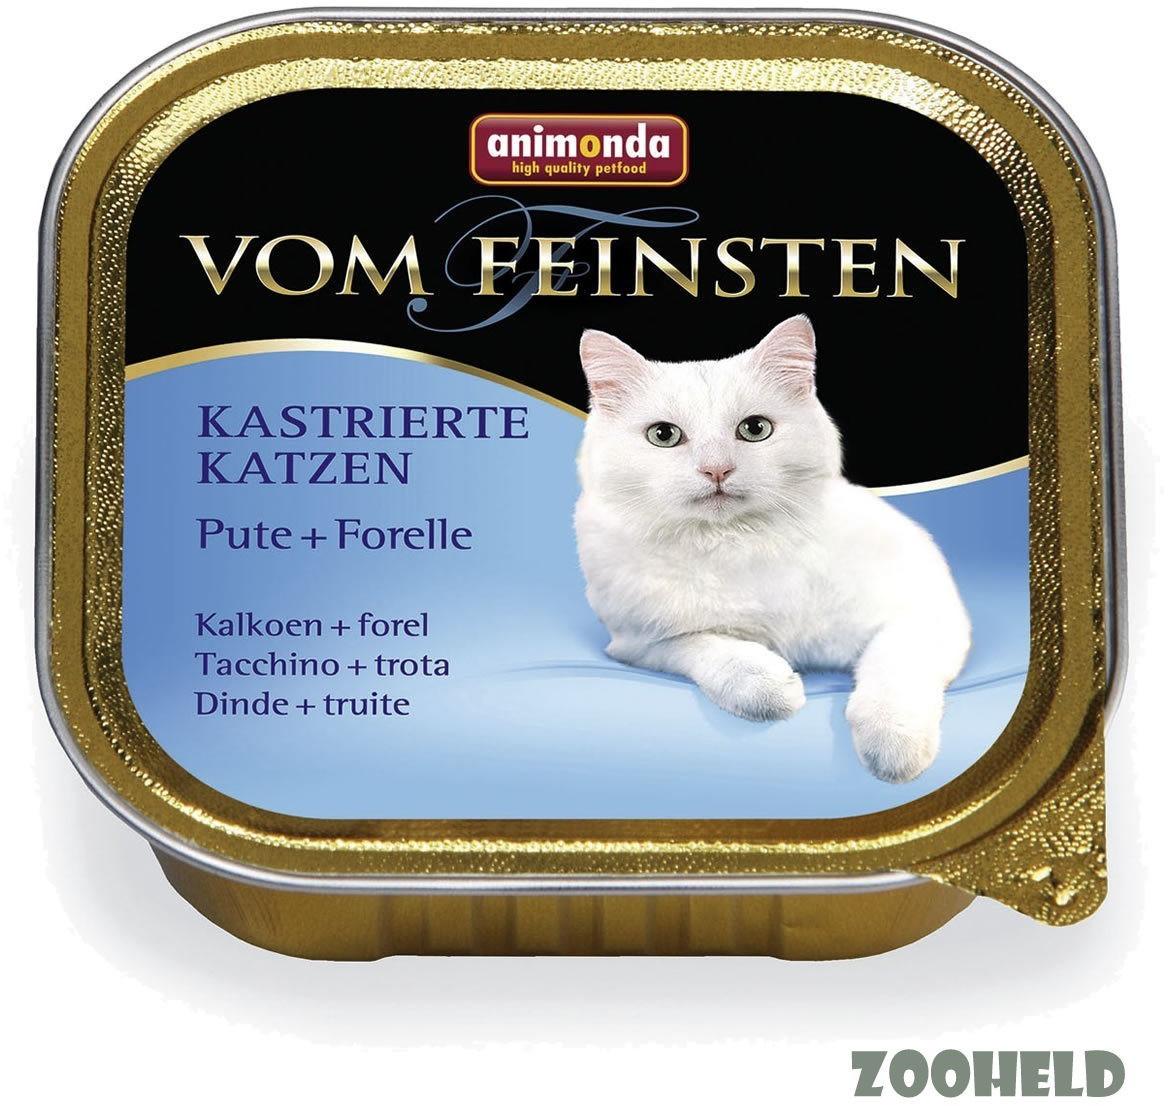 Animonda vom Feinsten kastrierte Katzen Pute+Fo...